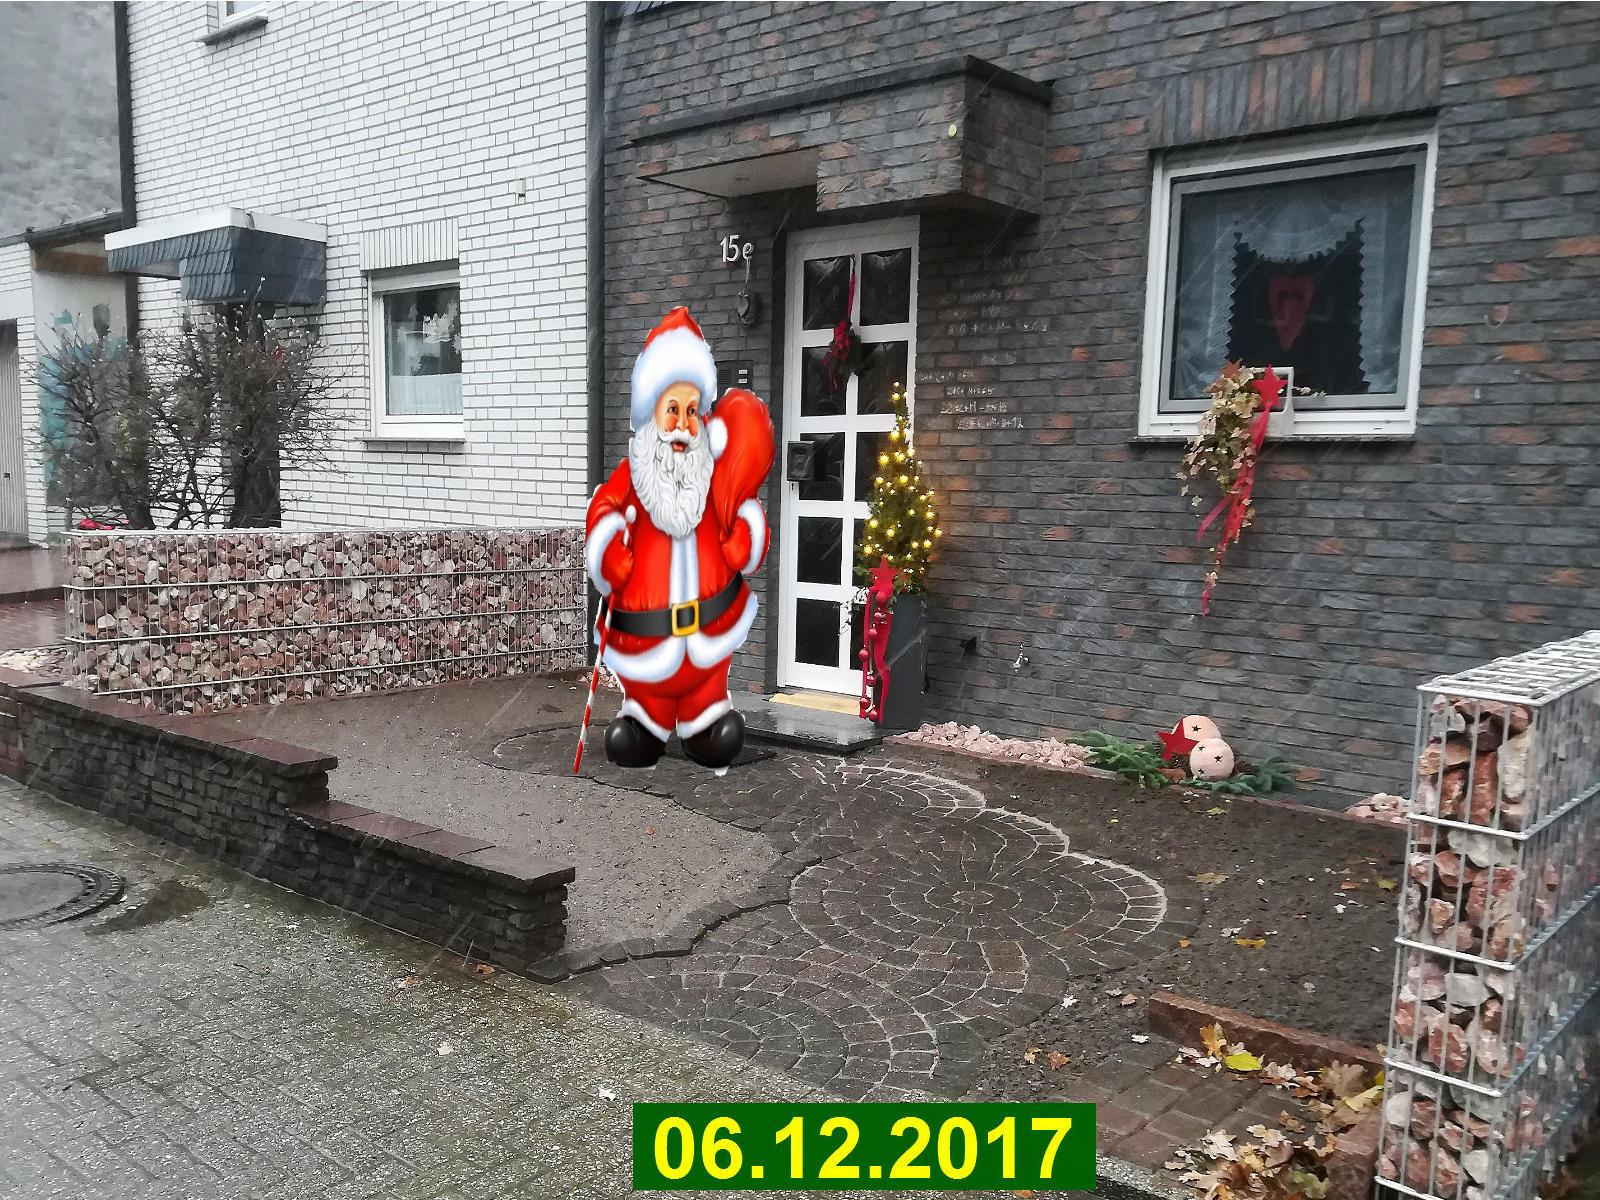 Vorgarten 06.12.2017